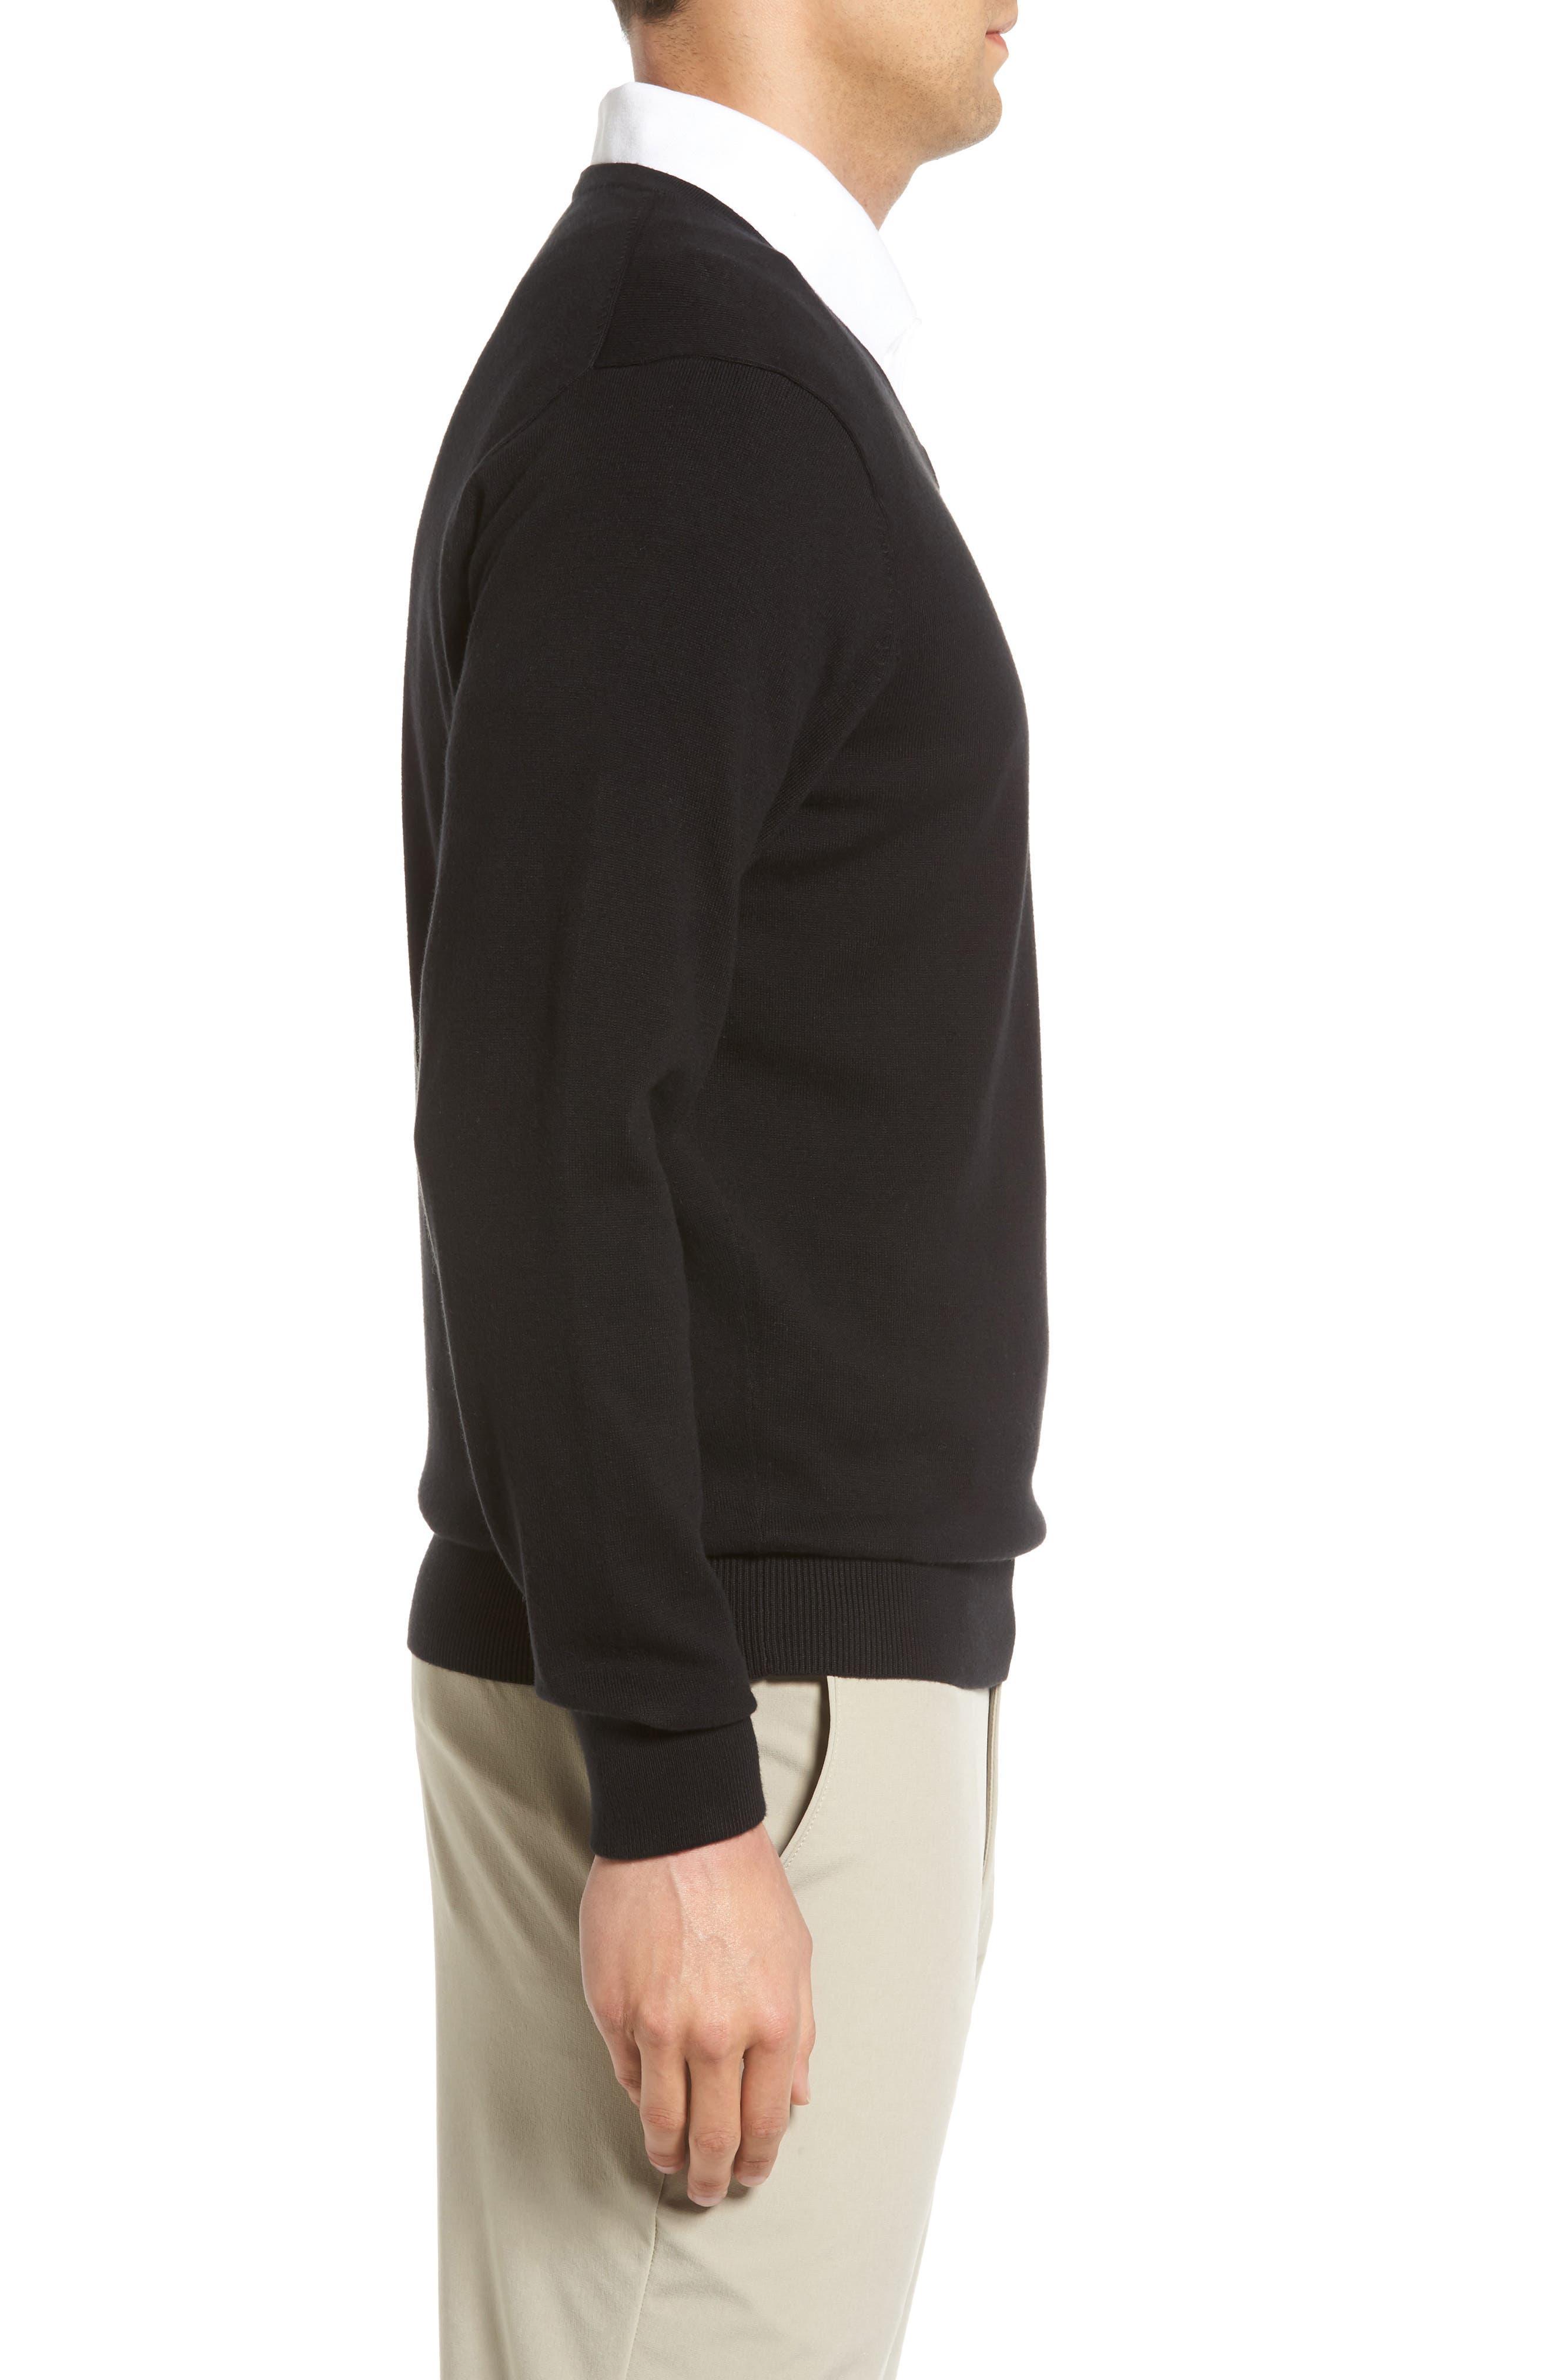 Lakemont V-Neck Sweater,                             Alternate thumbnail 3, color,                             Black